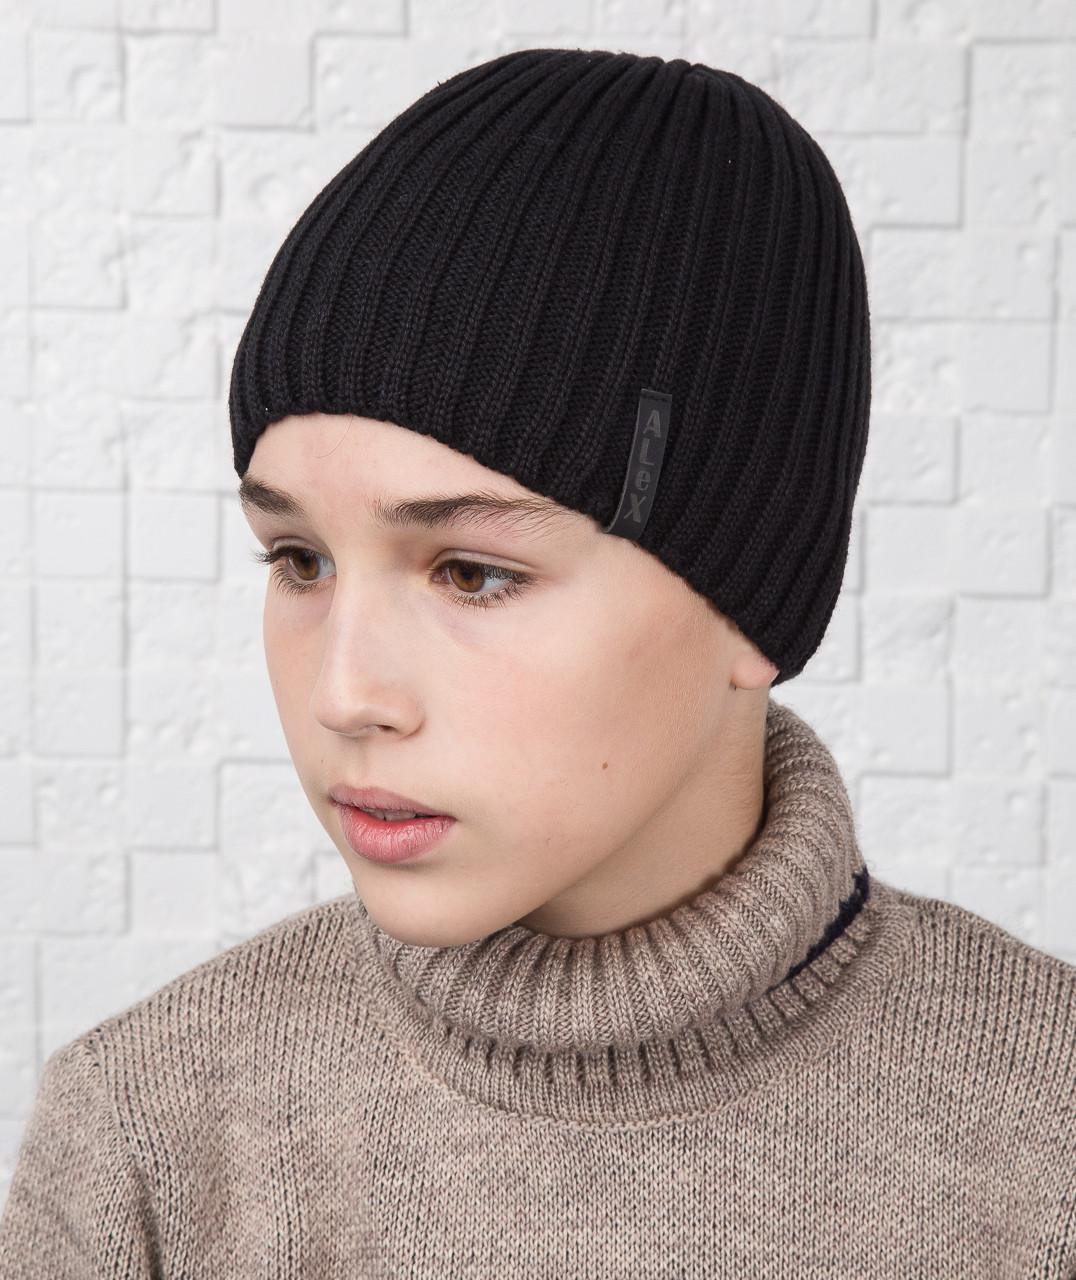 купить зимнюю вязаную шапку для мальчика подростка Alex на флисе